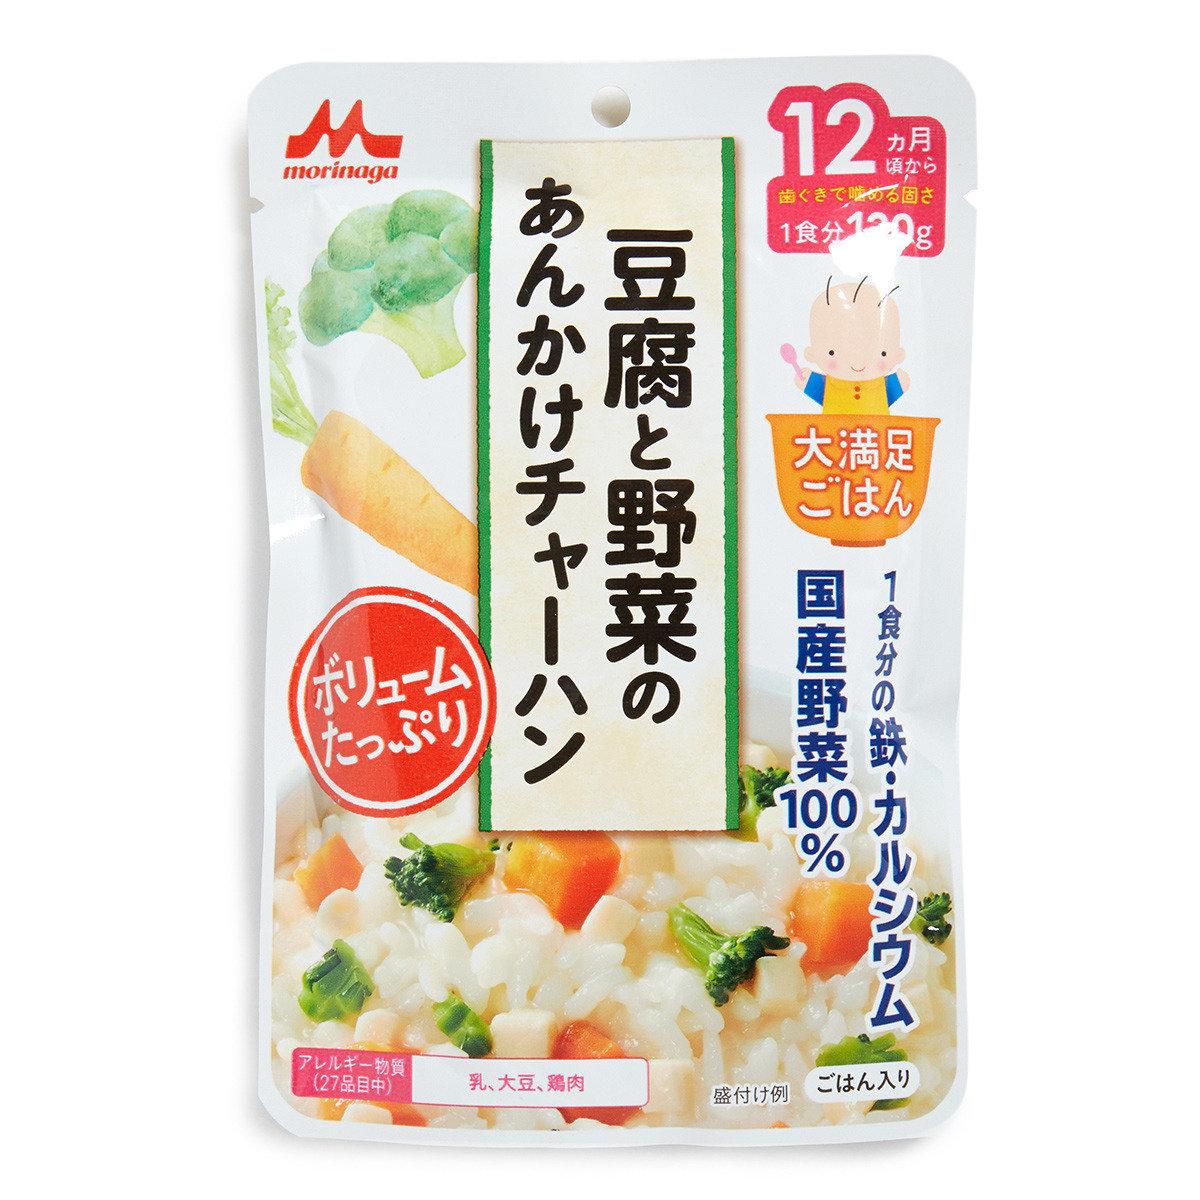 豆腐蔬菜勾芡炒飯